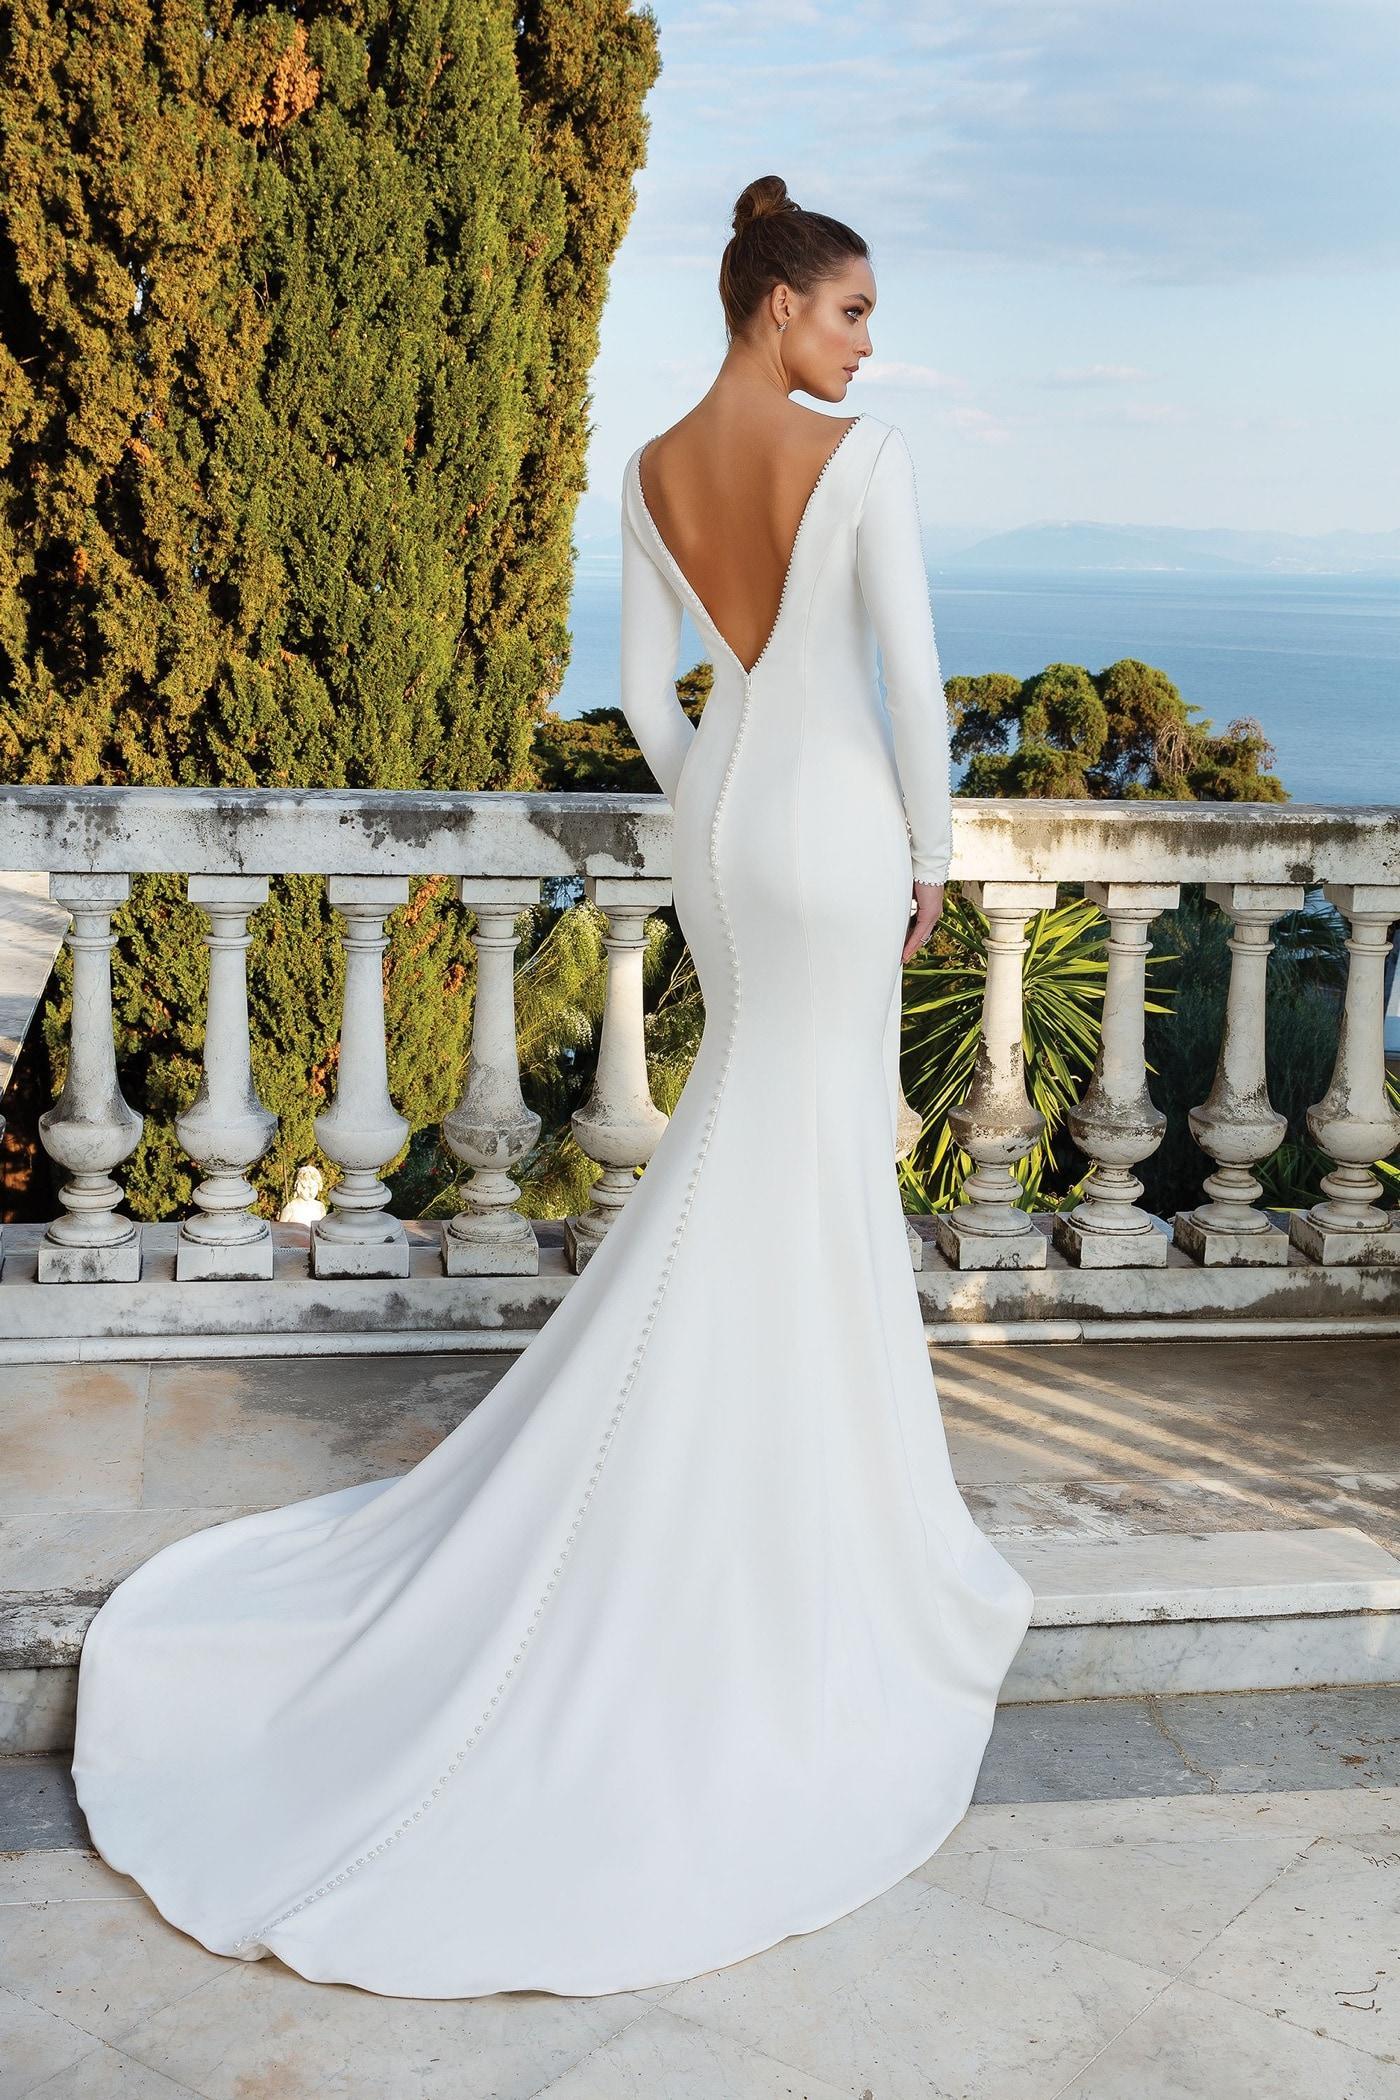 Fit-and-Flare-Brautkleid mit V-Ausschnitt und langem Arm, Perlendetails, tiefem Rücken und Schleppe von Justin Alexander, Modell 88128